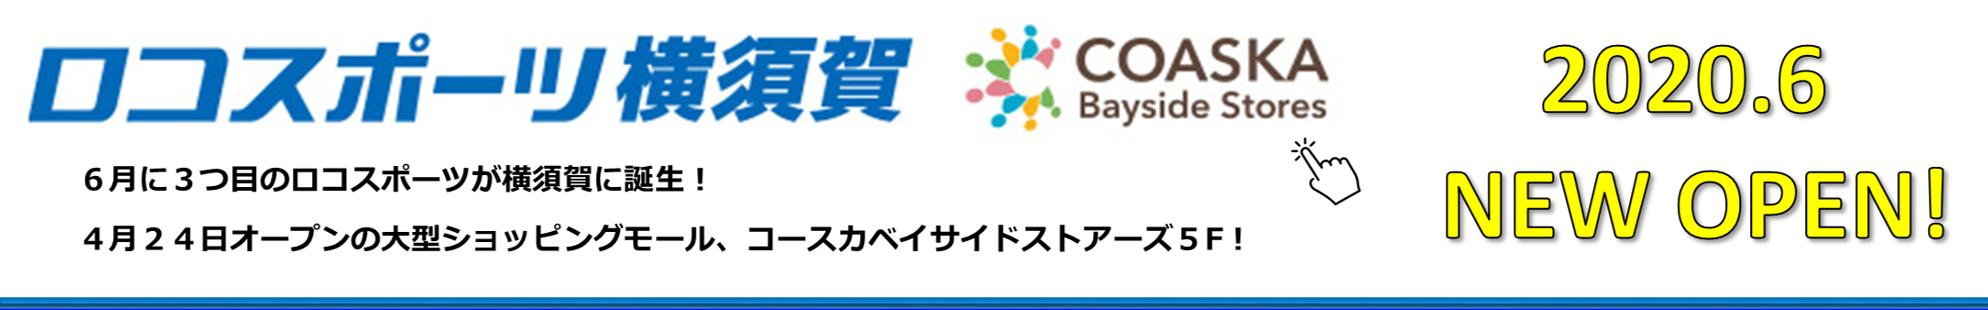 各会場リンク用バナー200210